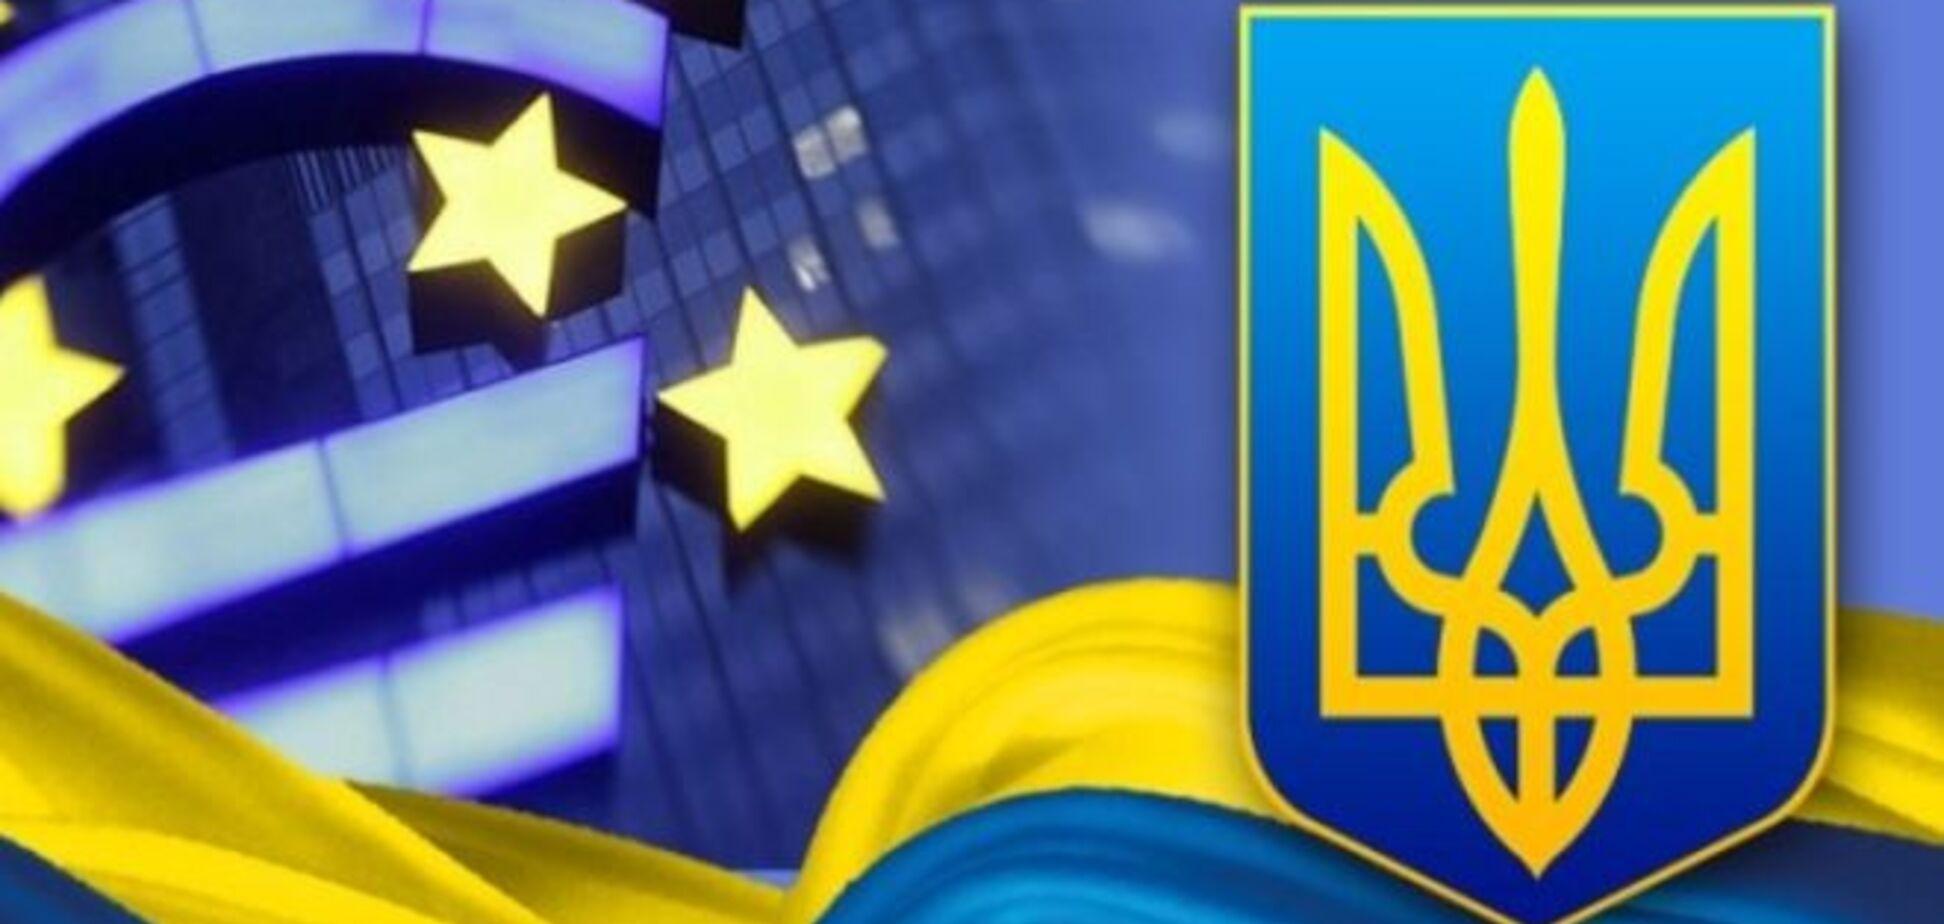 Україна знизила поставки товарів в ЄС на 34,4%: інфографіка